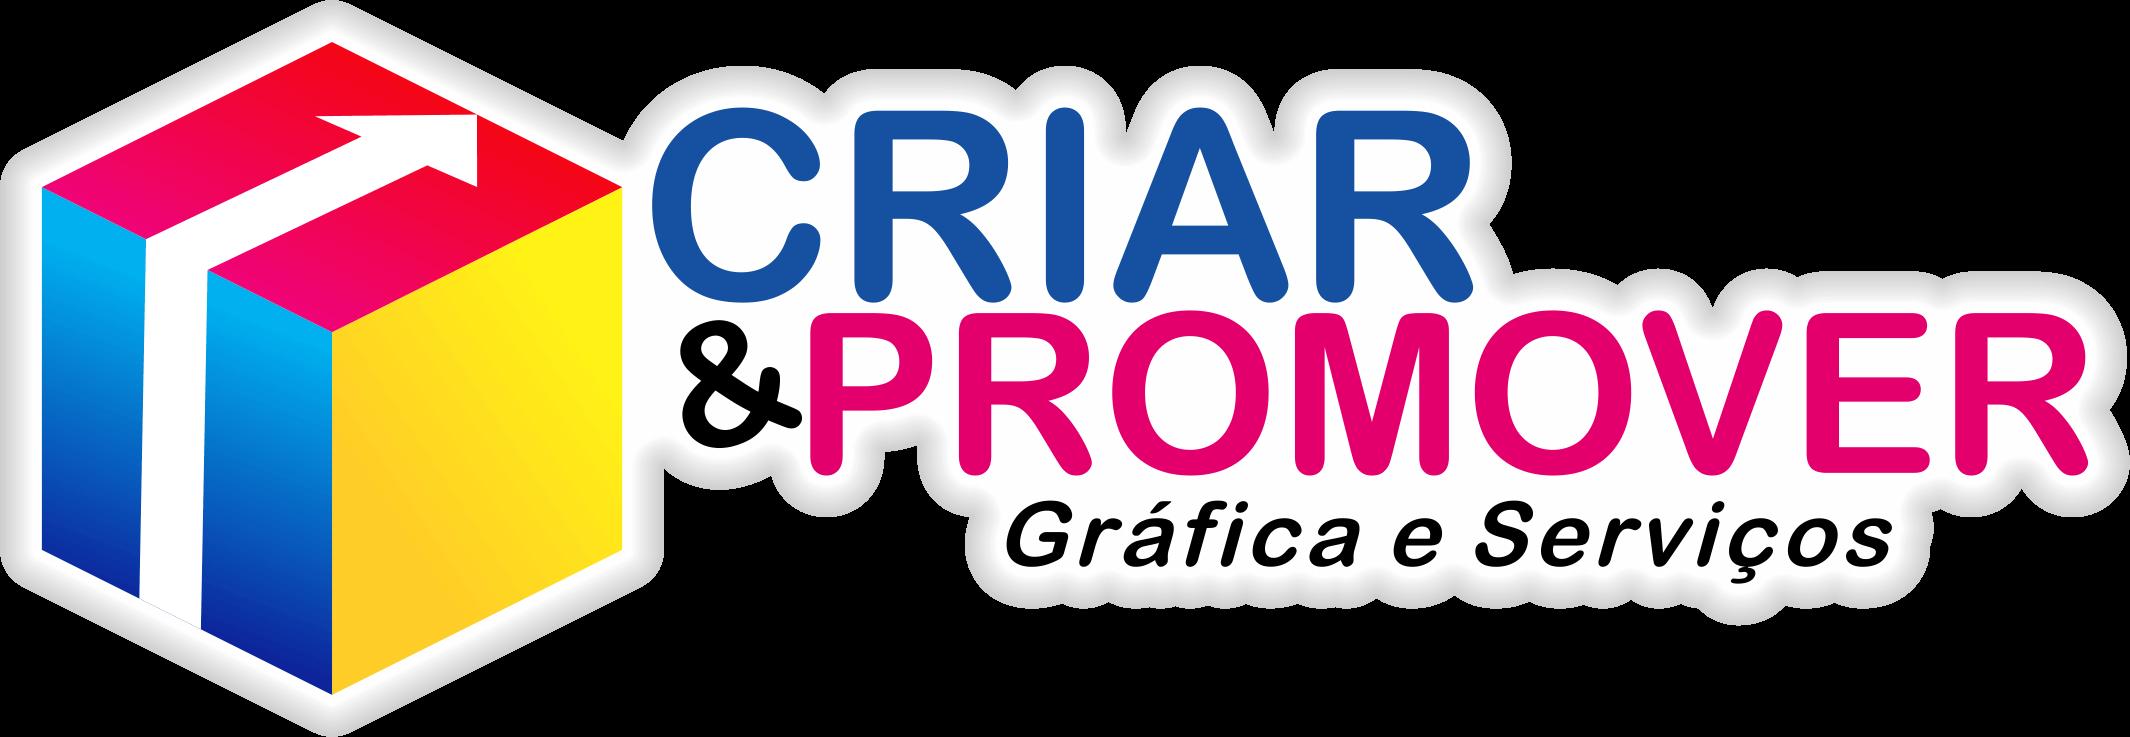 Criar e Promover